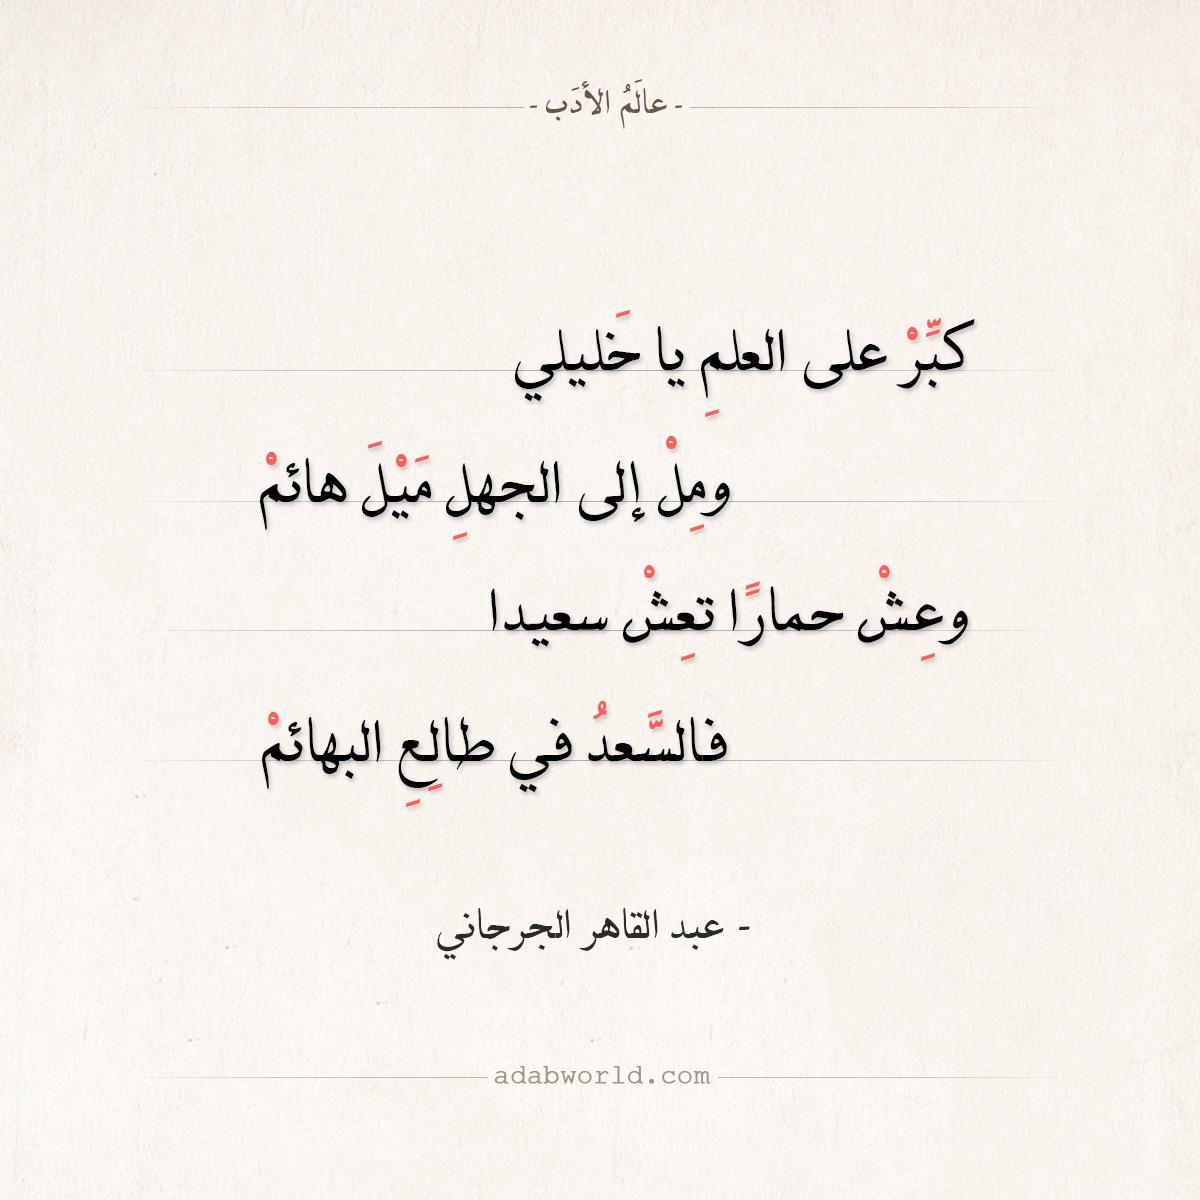 شعر عبد القاهر الجرجاني - فالسعد في طالع البهائم